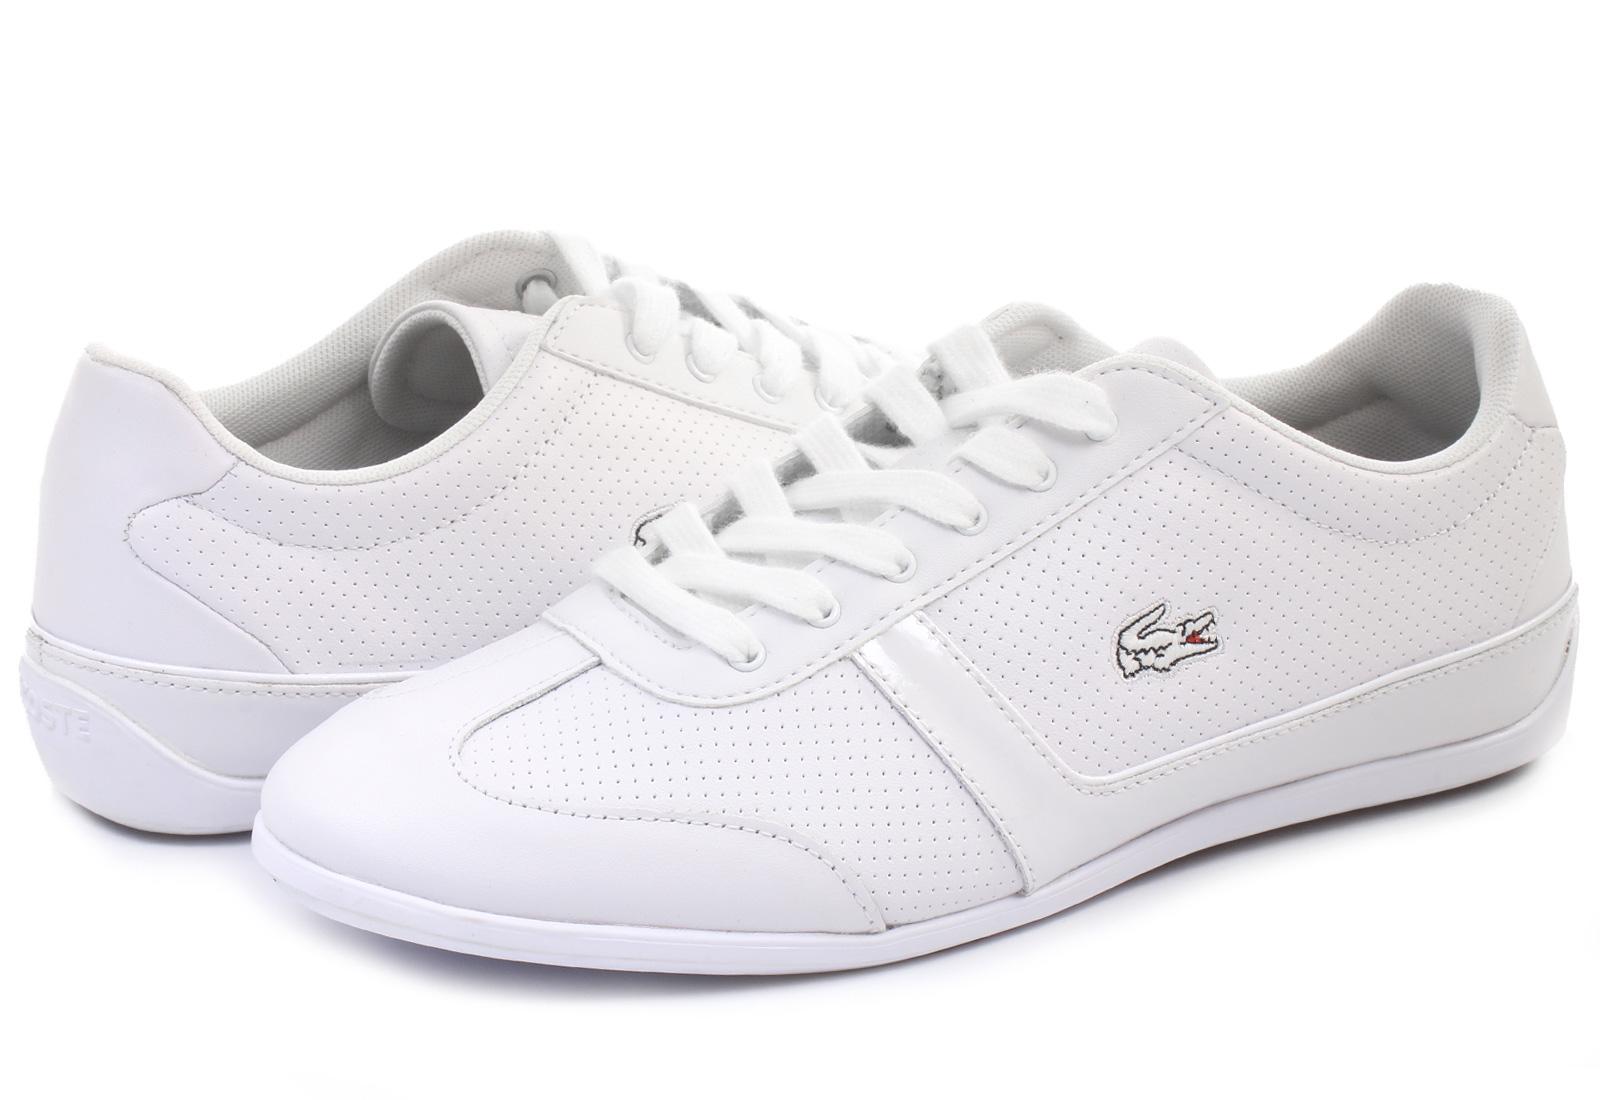 Lacoste Cipő - Missano Sport - 143spw1111-21g - Office Shoes ... f3af331967